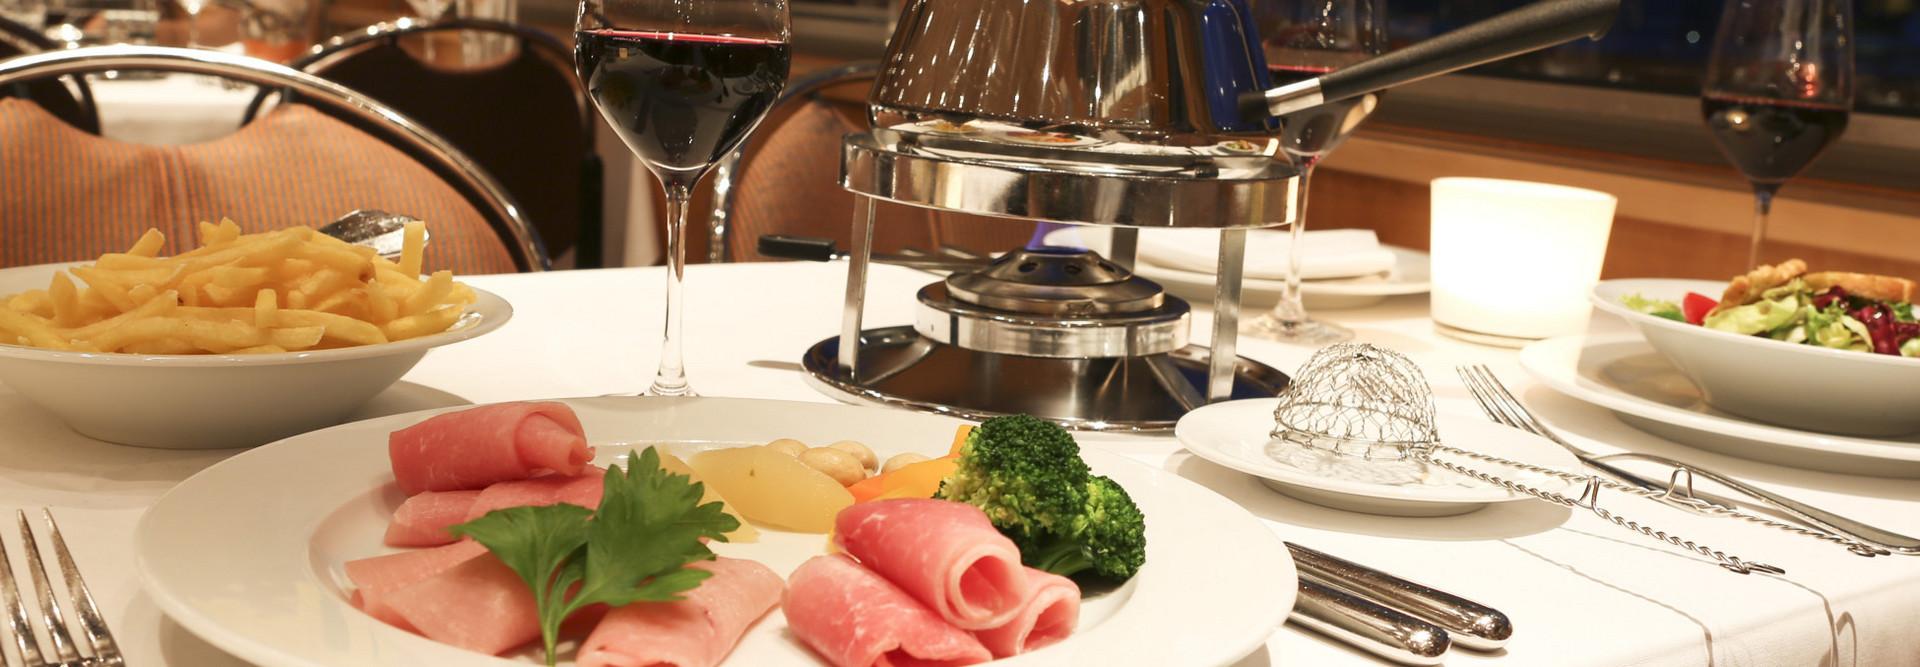 Ein Teller mit frischen Fleischstücken und einer Boillon für Fondue Chinoise